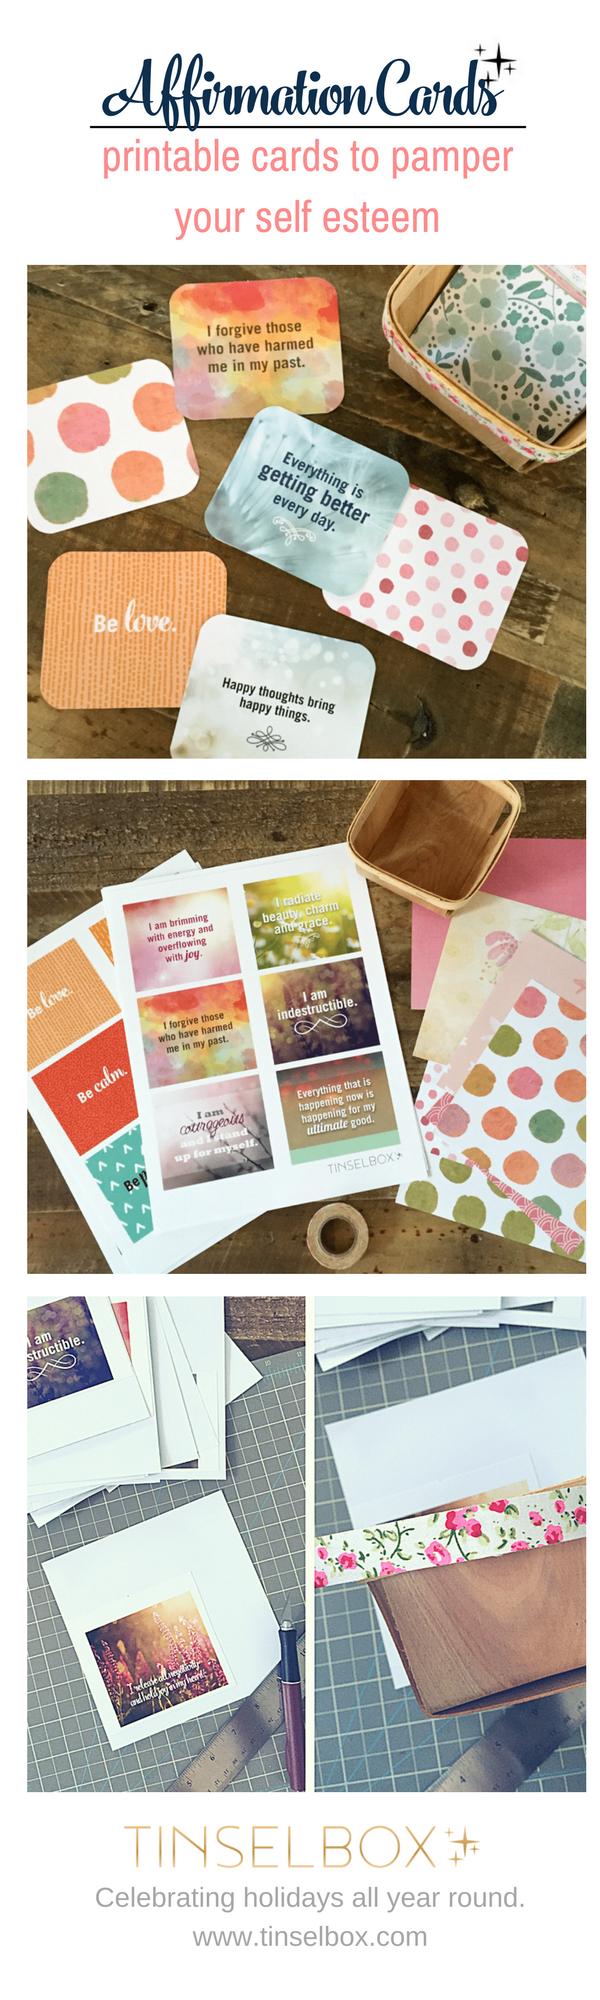 Printable affirmation cards to pamper self esteem.